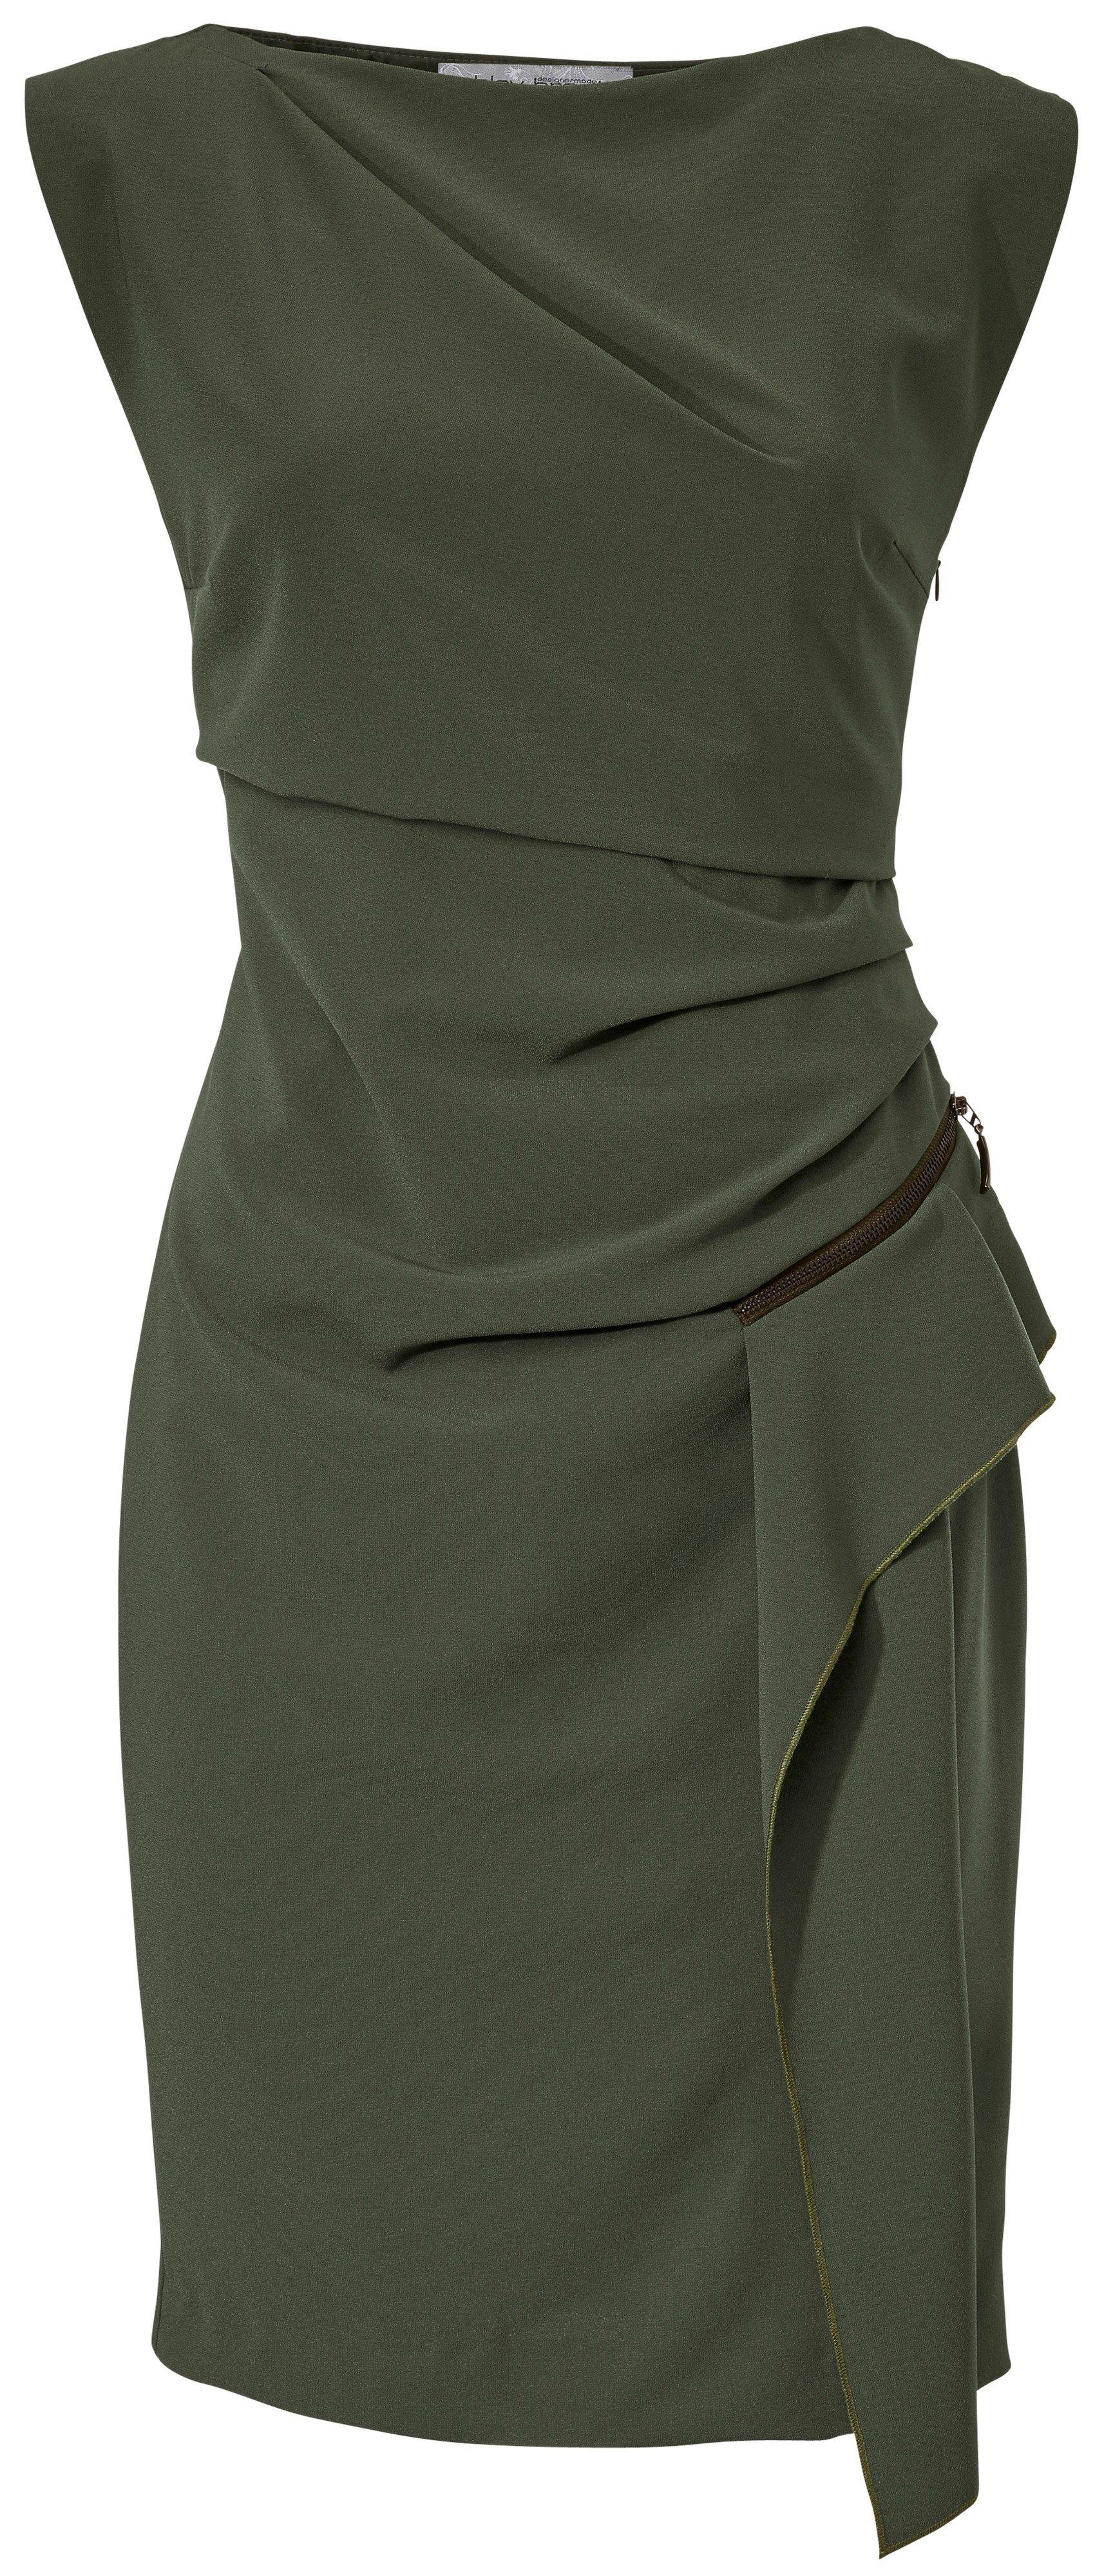 21564a9632c34d Groene Jurken kopen  Bestel je favoriete jurk online